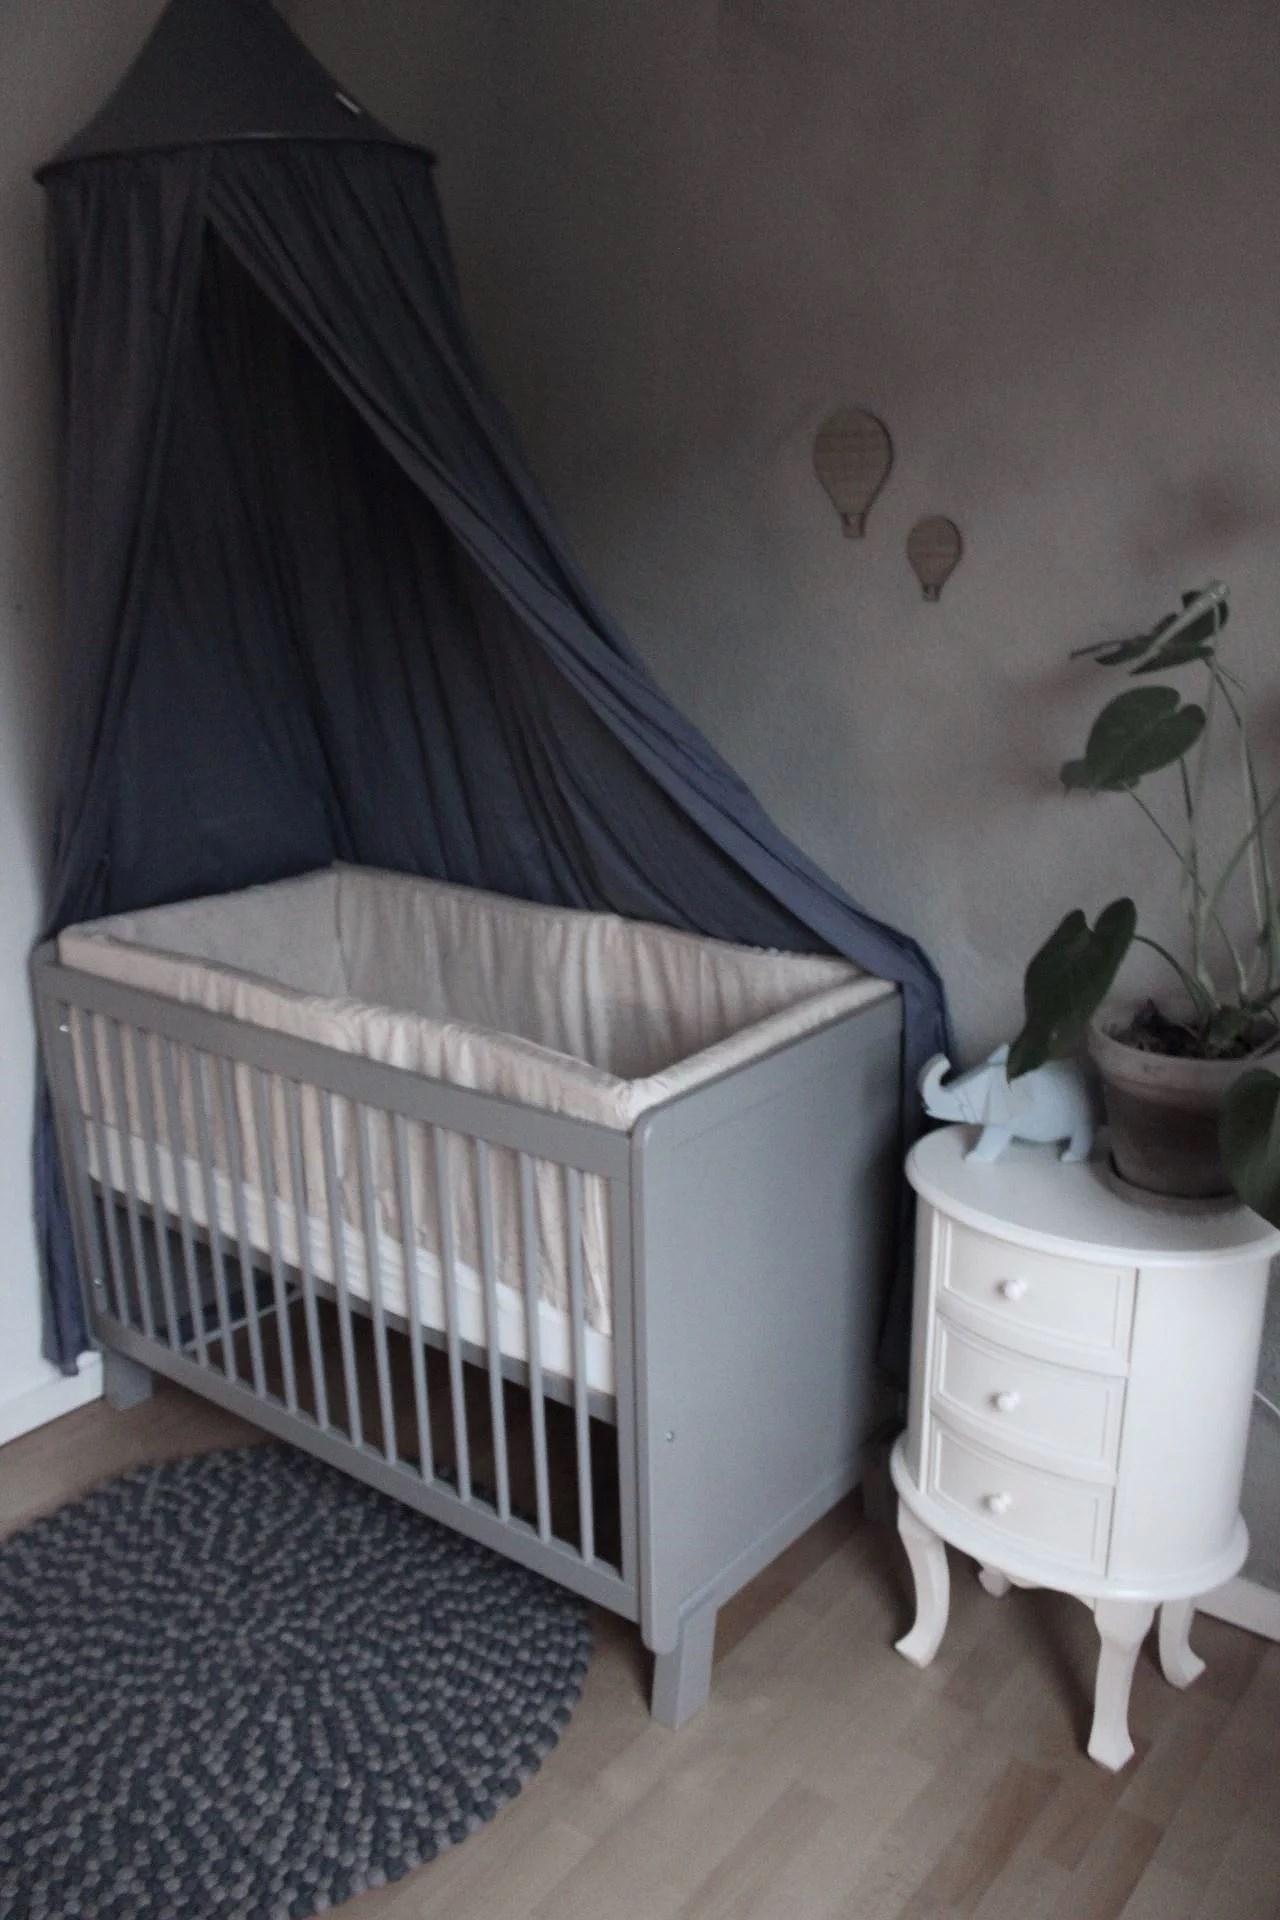 Lillebrors hjørne i soveværelset og en snak om søvn